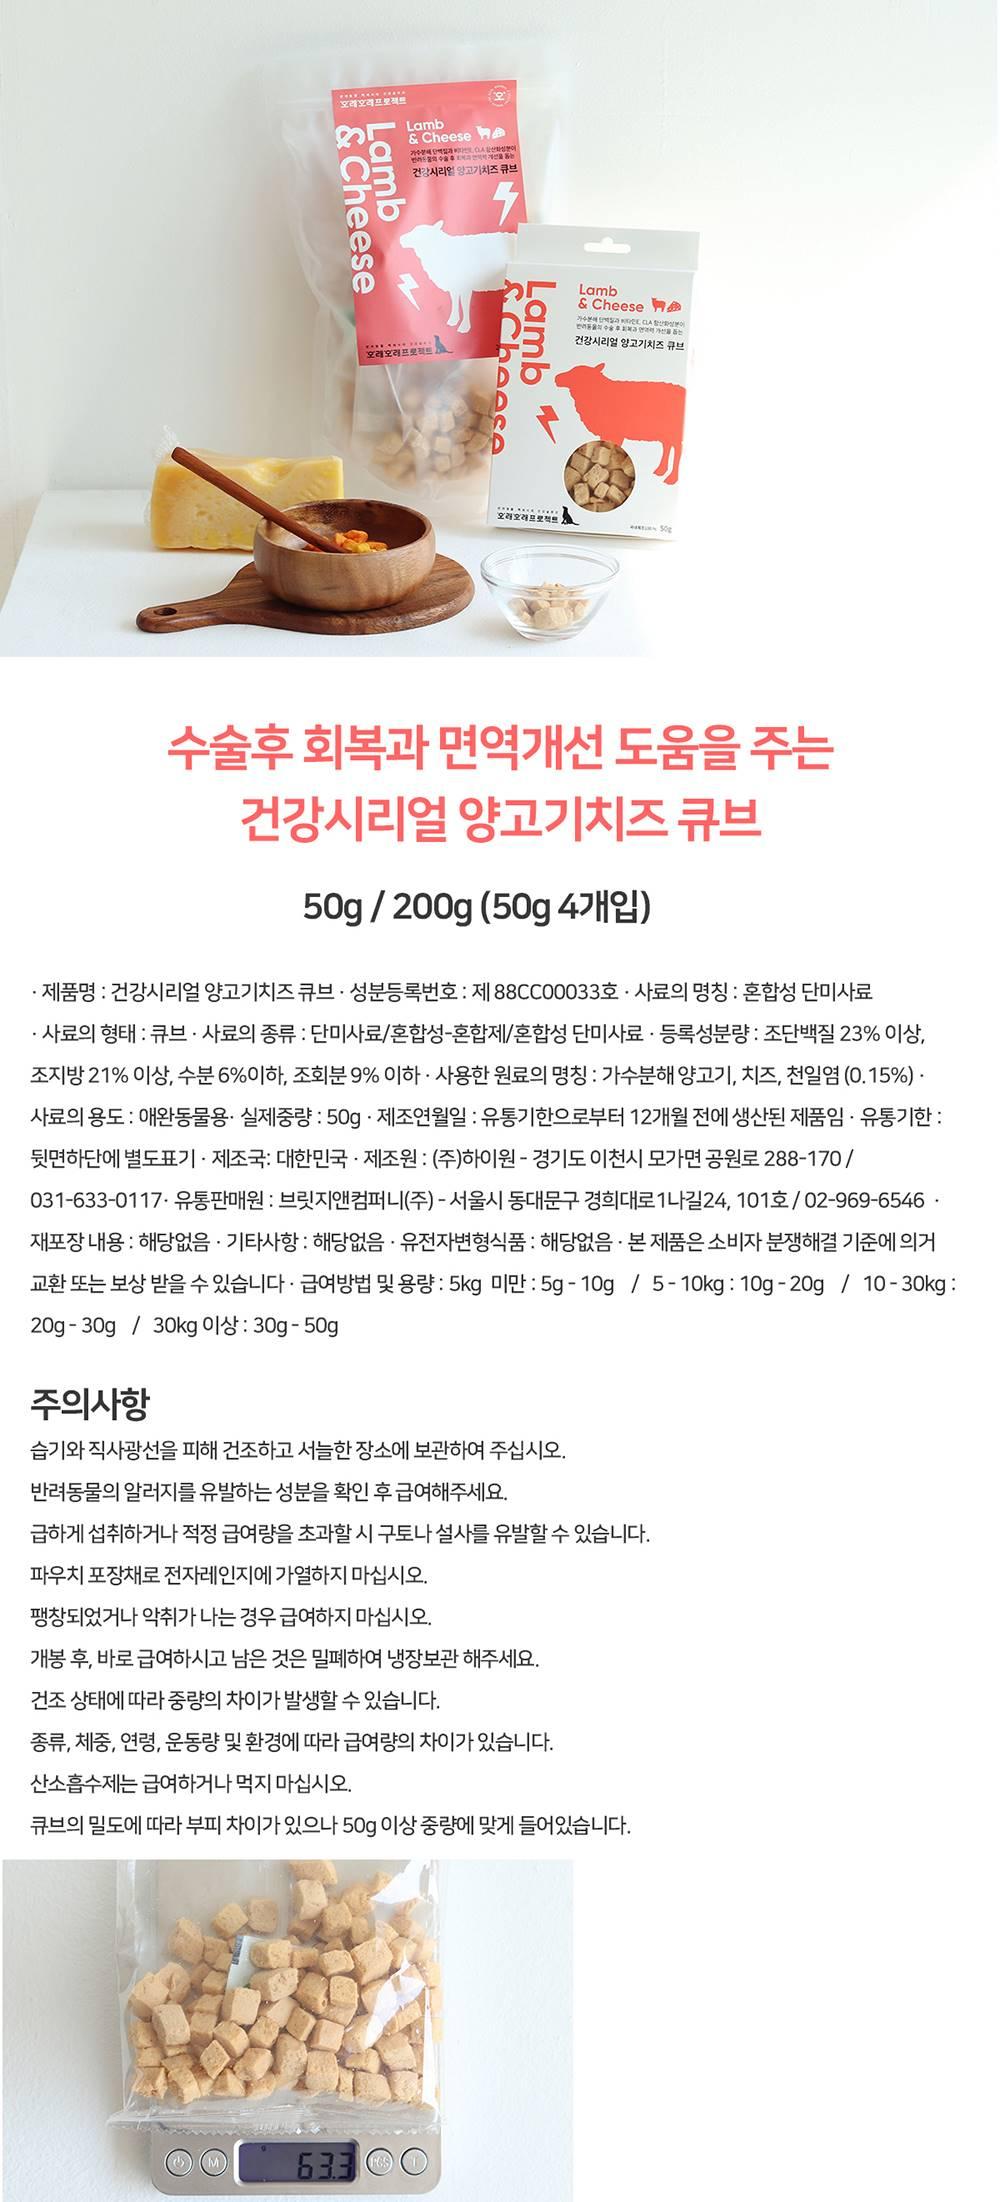 강아지 동결건조 간식 배변개선 요거트치즈 (50g) - 오래오래 프로젝트, 6,000원, 간식/영양제, 수제간식